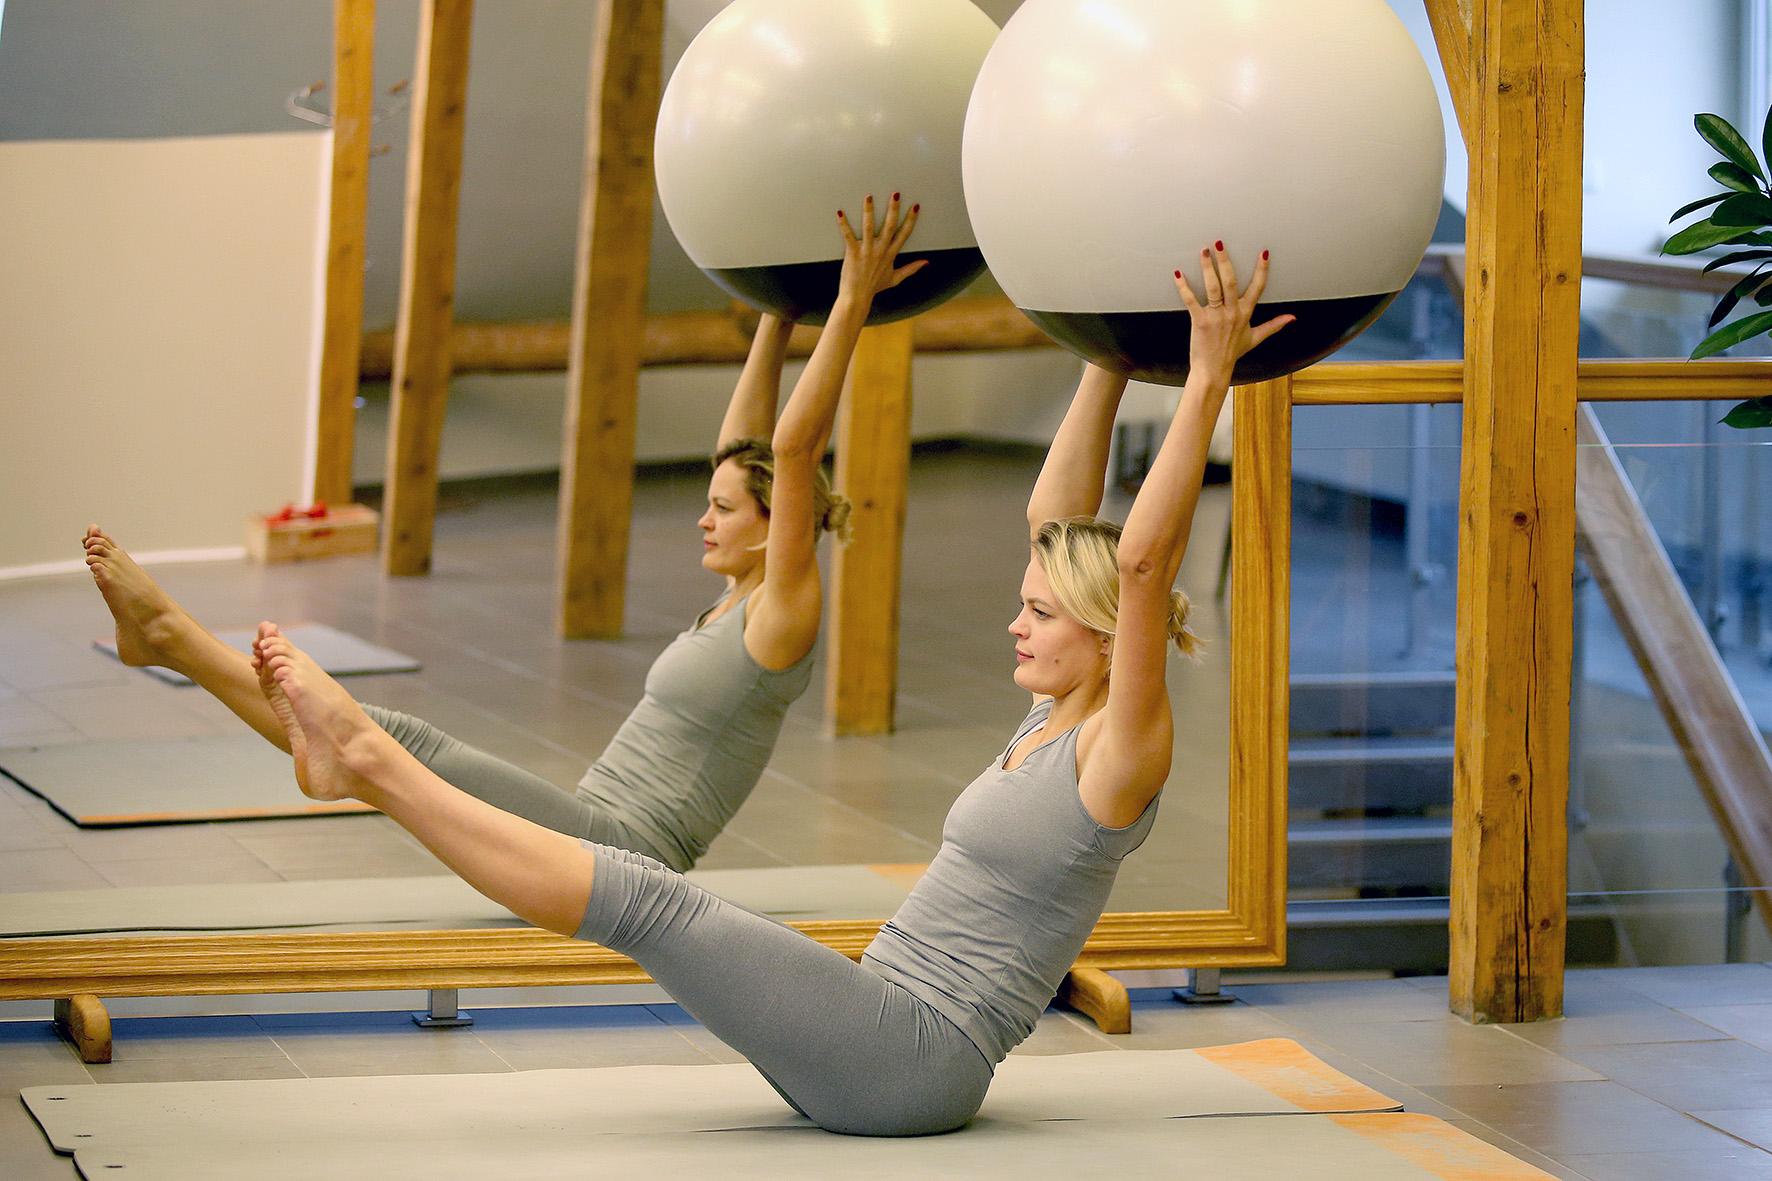 """Jaukiose naujai įsikūrusio pilateso ir sąmoningo judesio centro """"SimWay"""" erdvėse sveikatos ir sporto specialistė organizuoja Pilates, Barre, intensyvias treniruotes, taip pat treniruotes, skirtas senjorams, pečių lanko ir nugaros skausmus kenčiantiems asmenims. / A. Barzdžiaus nuotr."""